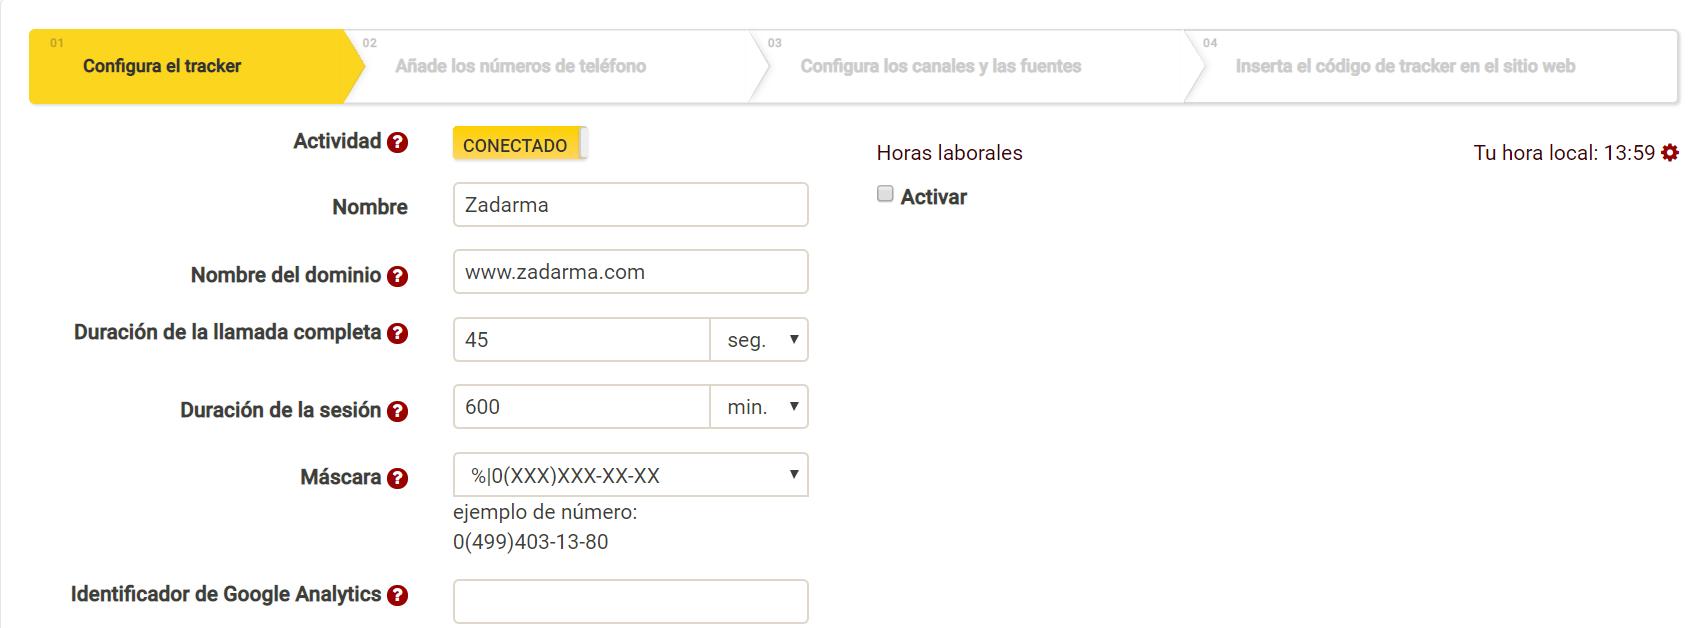 Configuración del call tracking de Zadarma